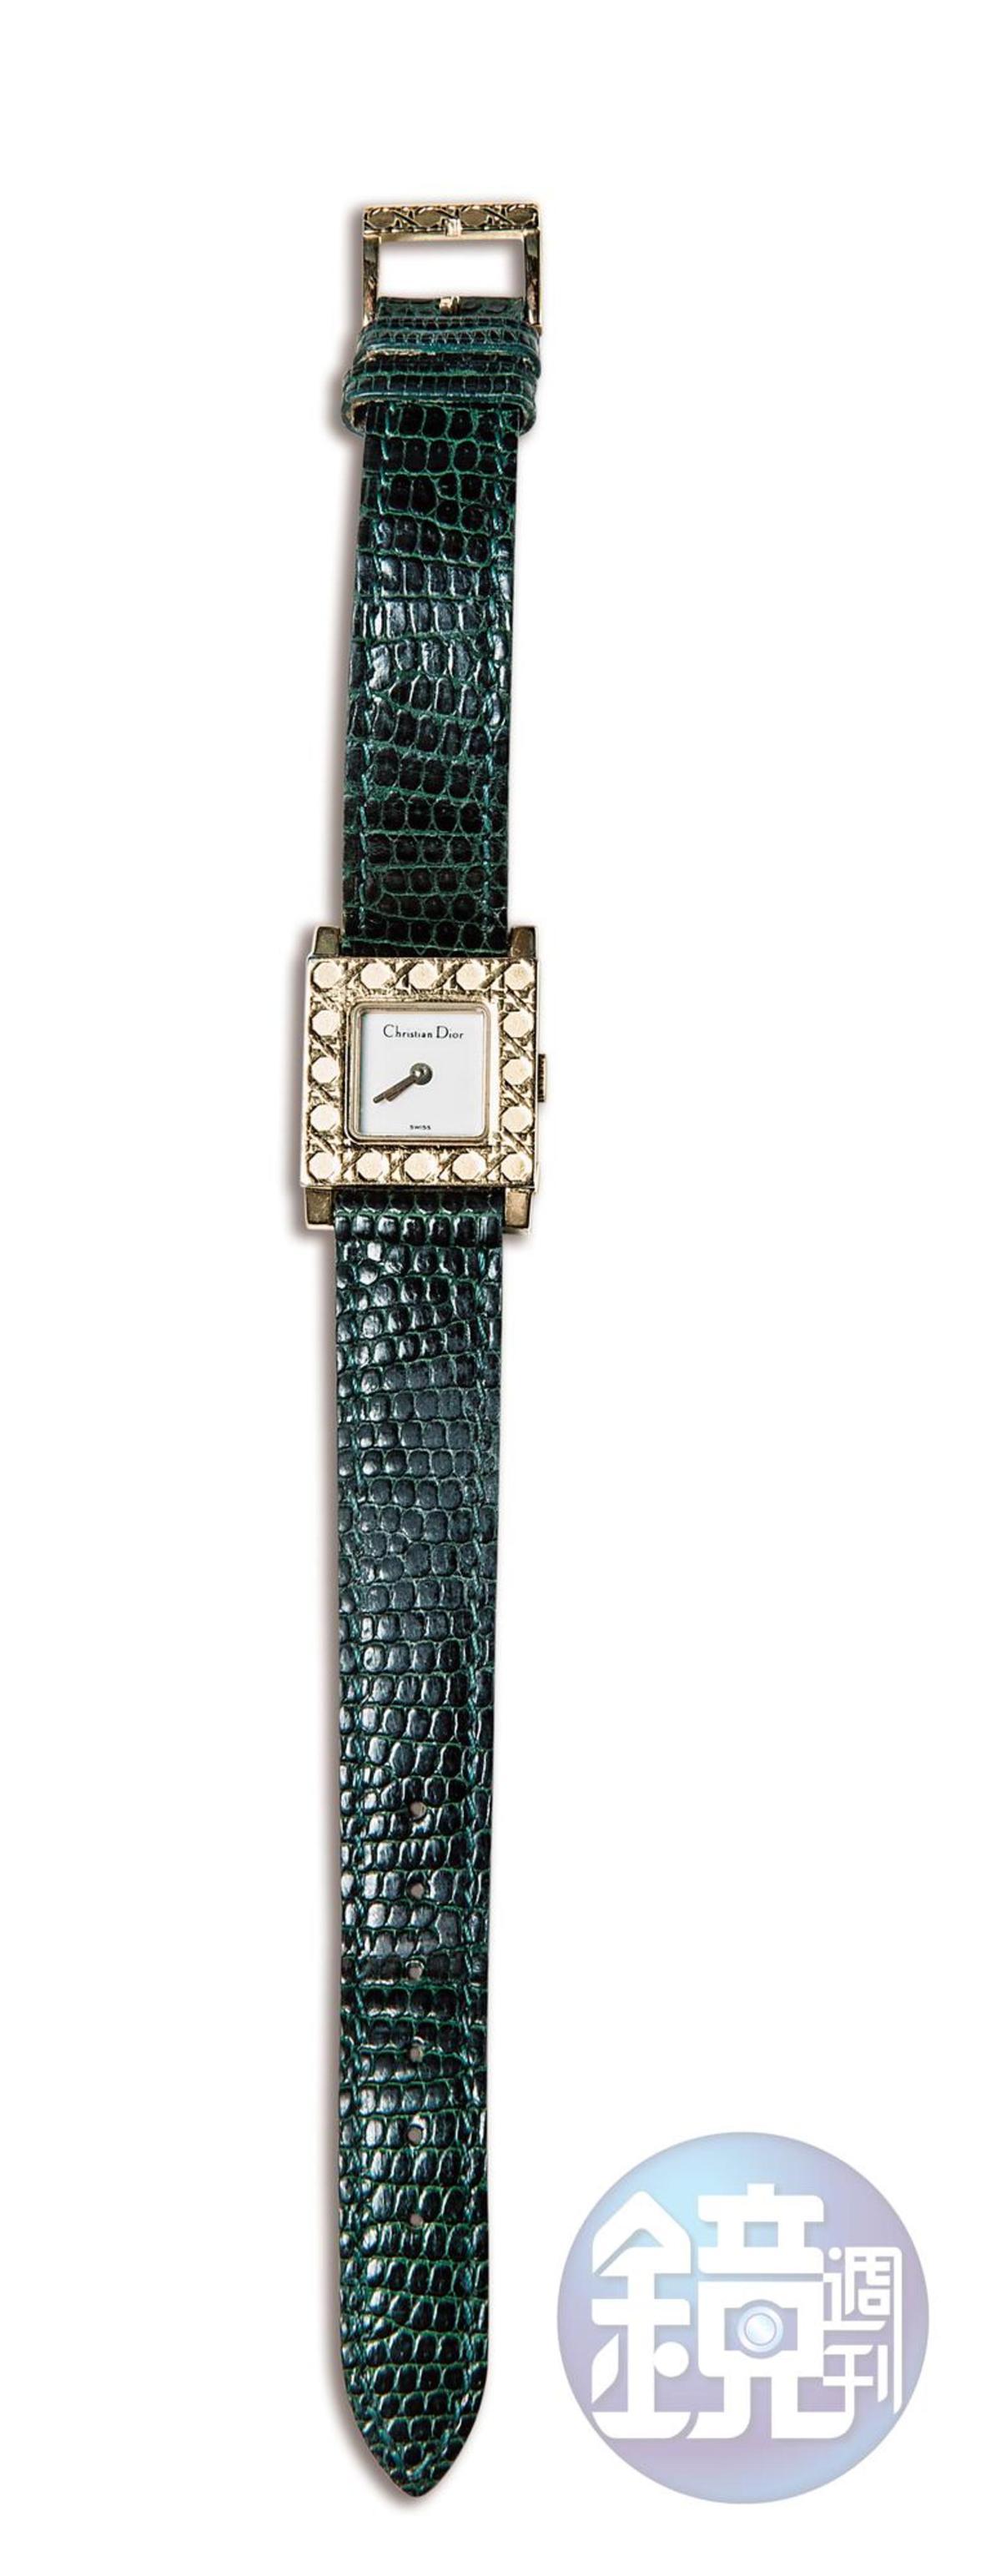 Dior手錶,是媽媽佩戴了2、30年後送的禮物。